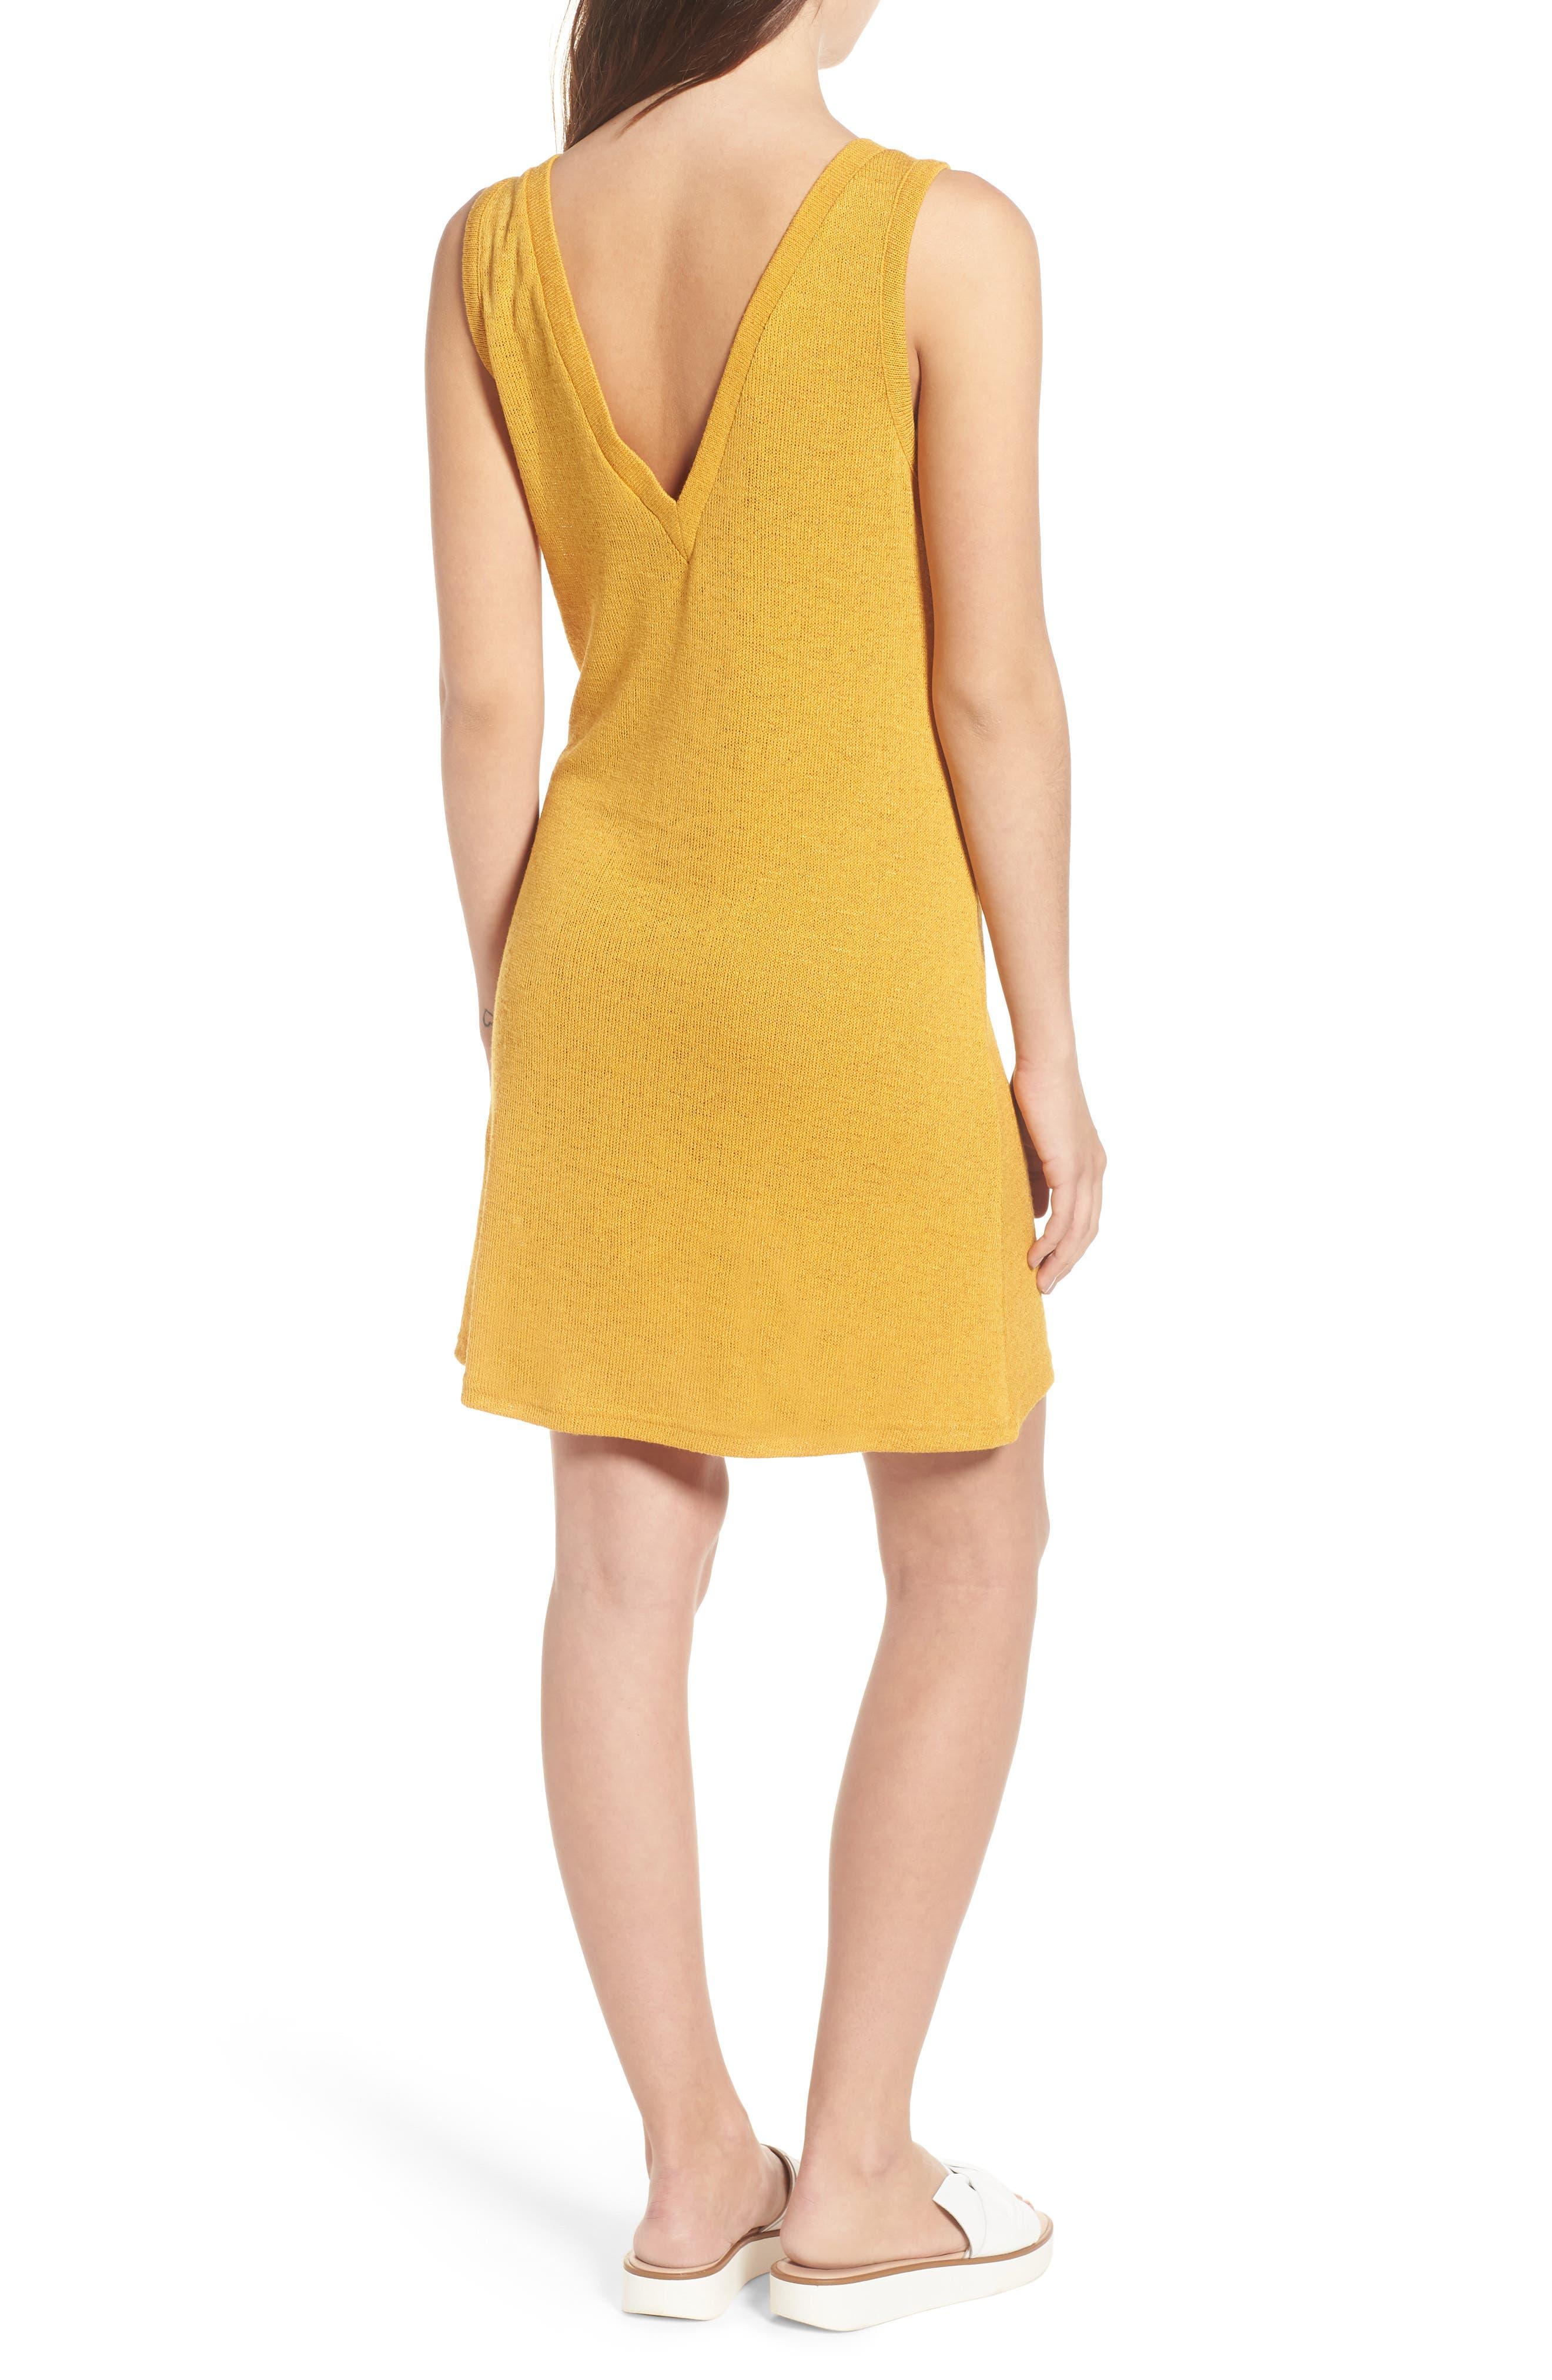 Heat Rising Lace-Up Dress,                             Alternate thumbnail 3, color,                             Saffron